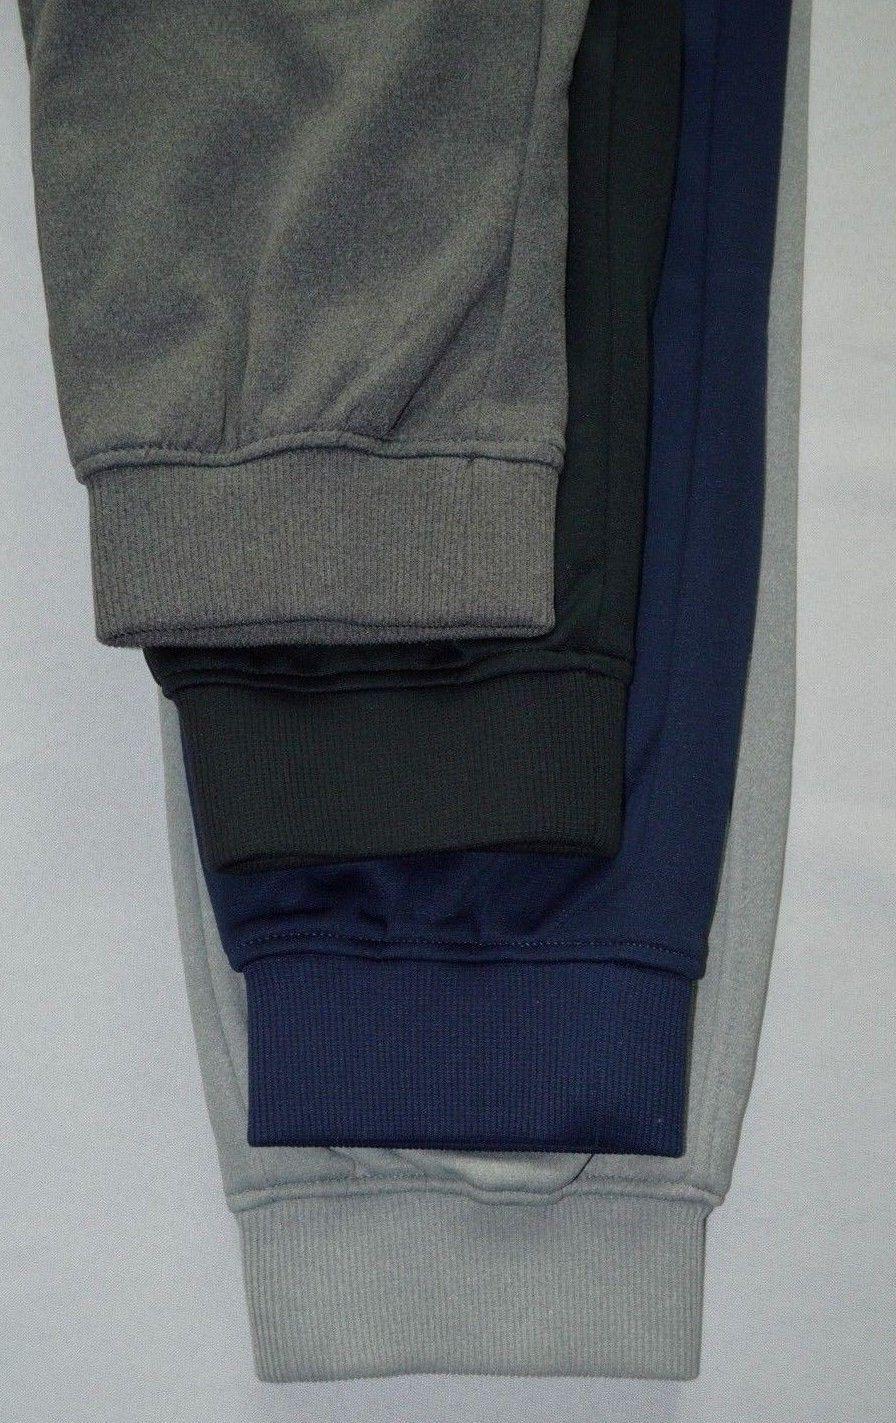 Men's Armour Storm ColdGear Pants Tapered Leg